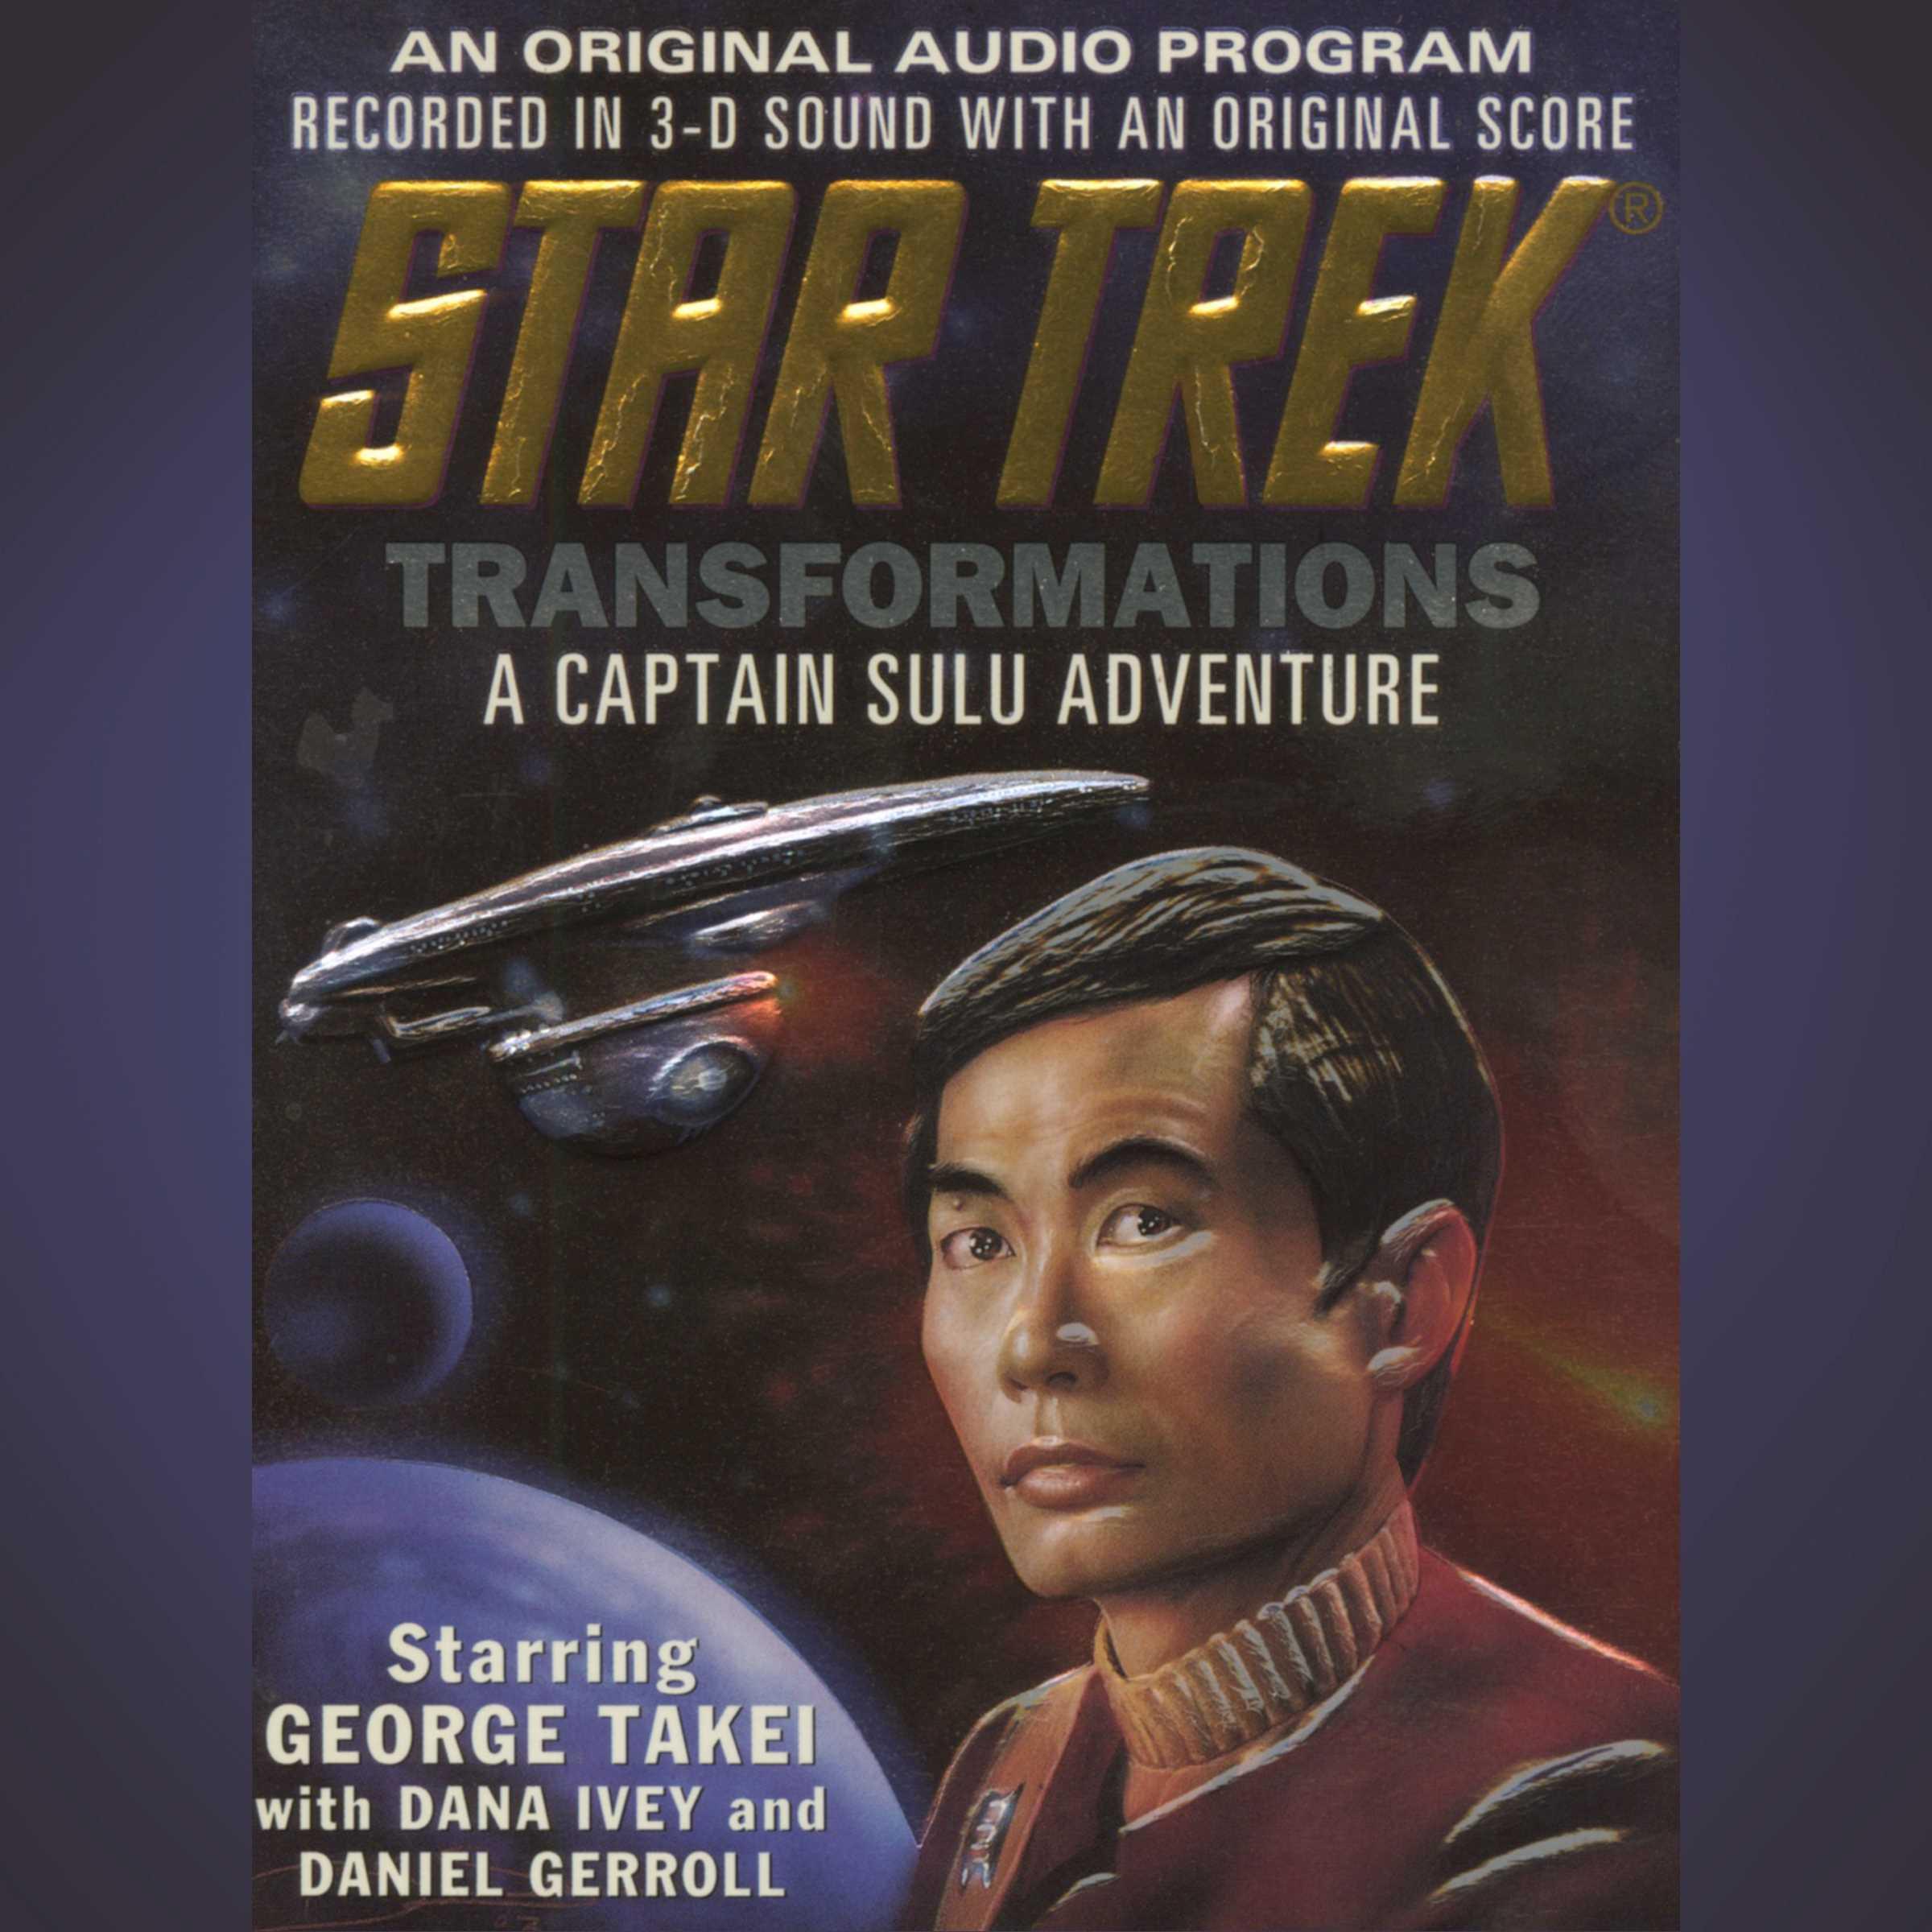 Star trek transformations 9780743542500 hr